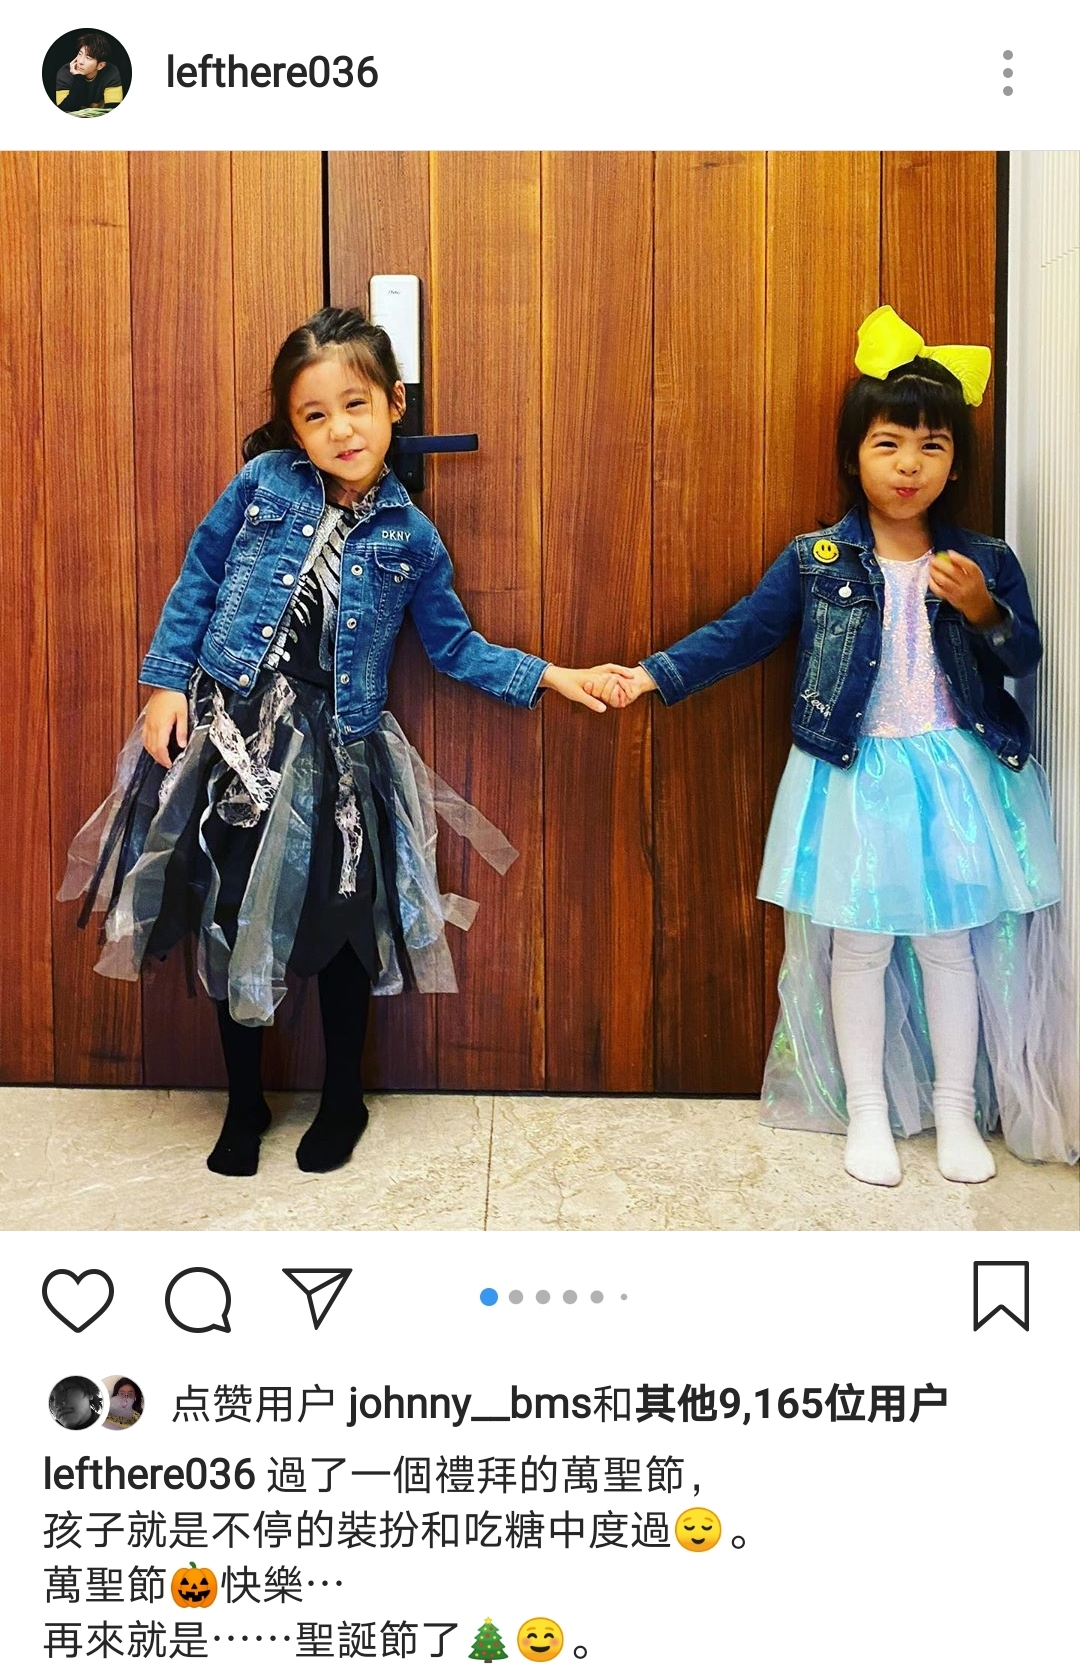 賈靜雯曬全家福過萬聖節,波妞身高快趕上咘咘,姐妹同框像雙胞胎